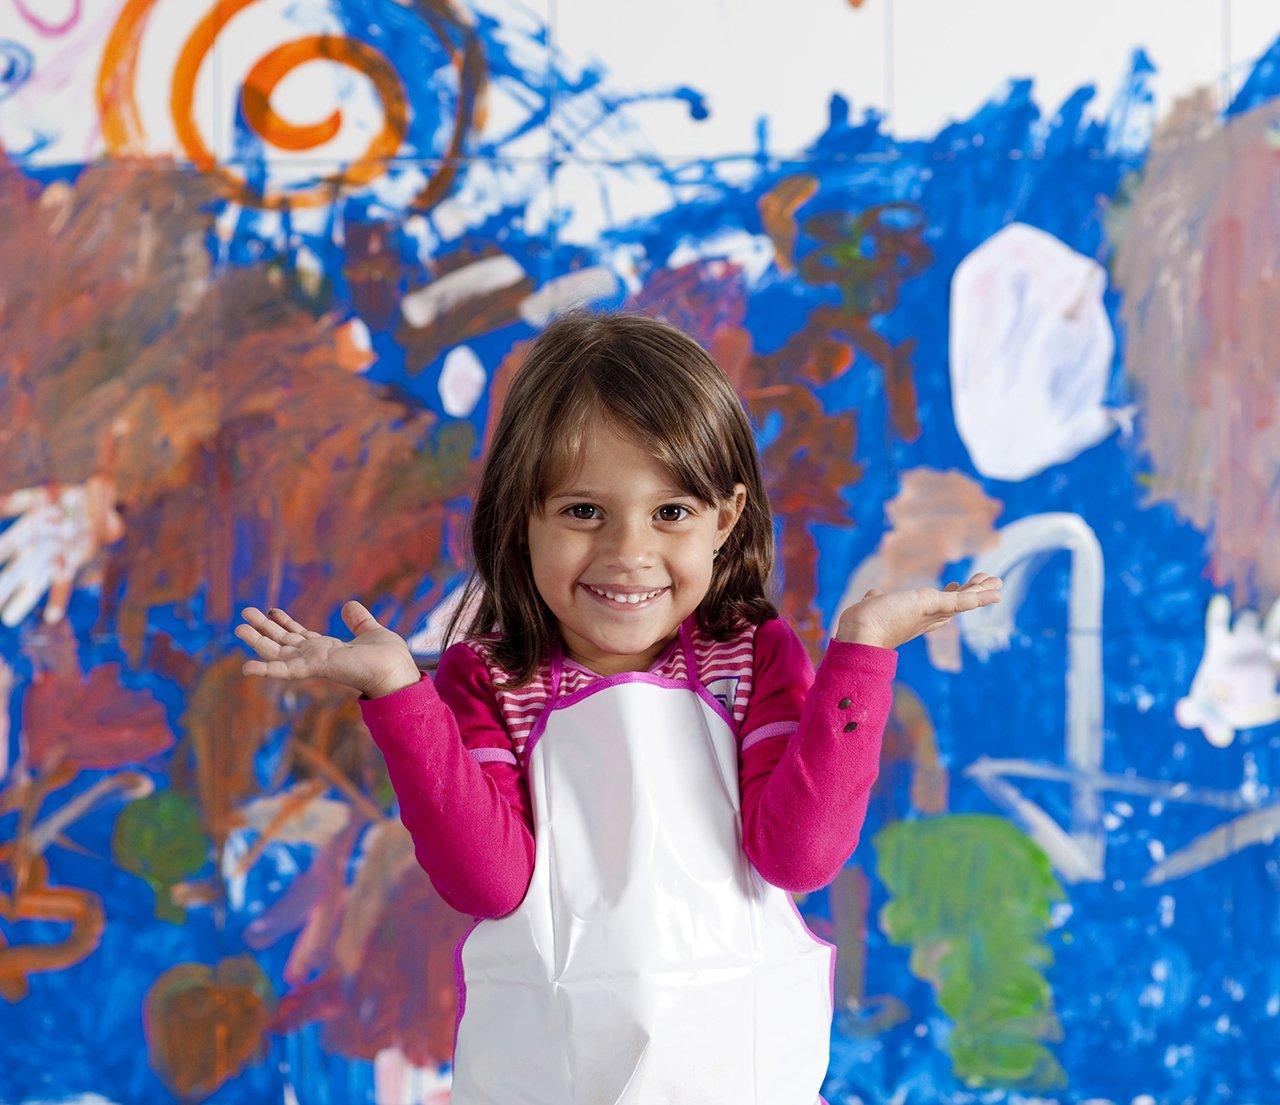 As crianças são ávidas por conhecimento e o adulto pode potencializar esse interesse.